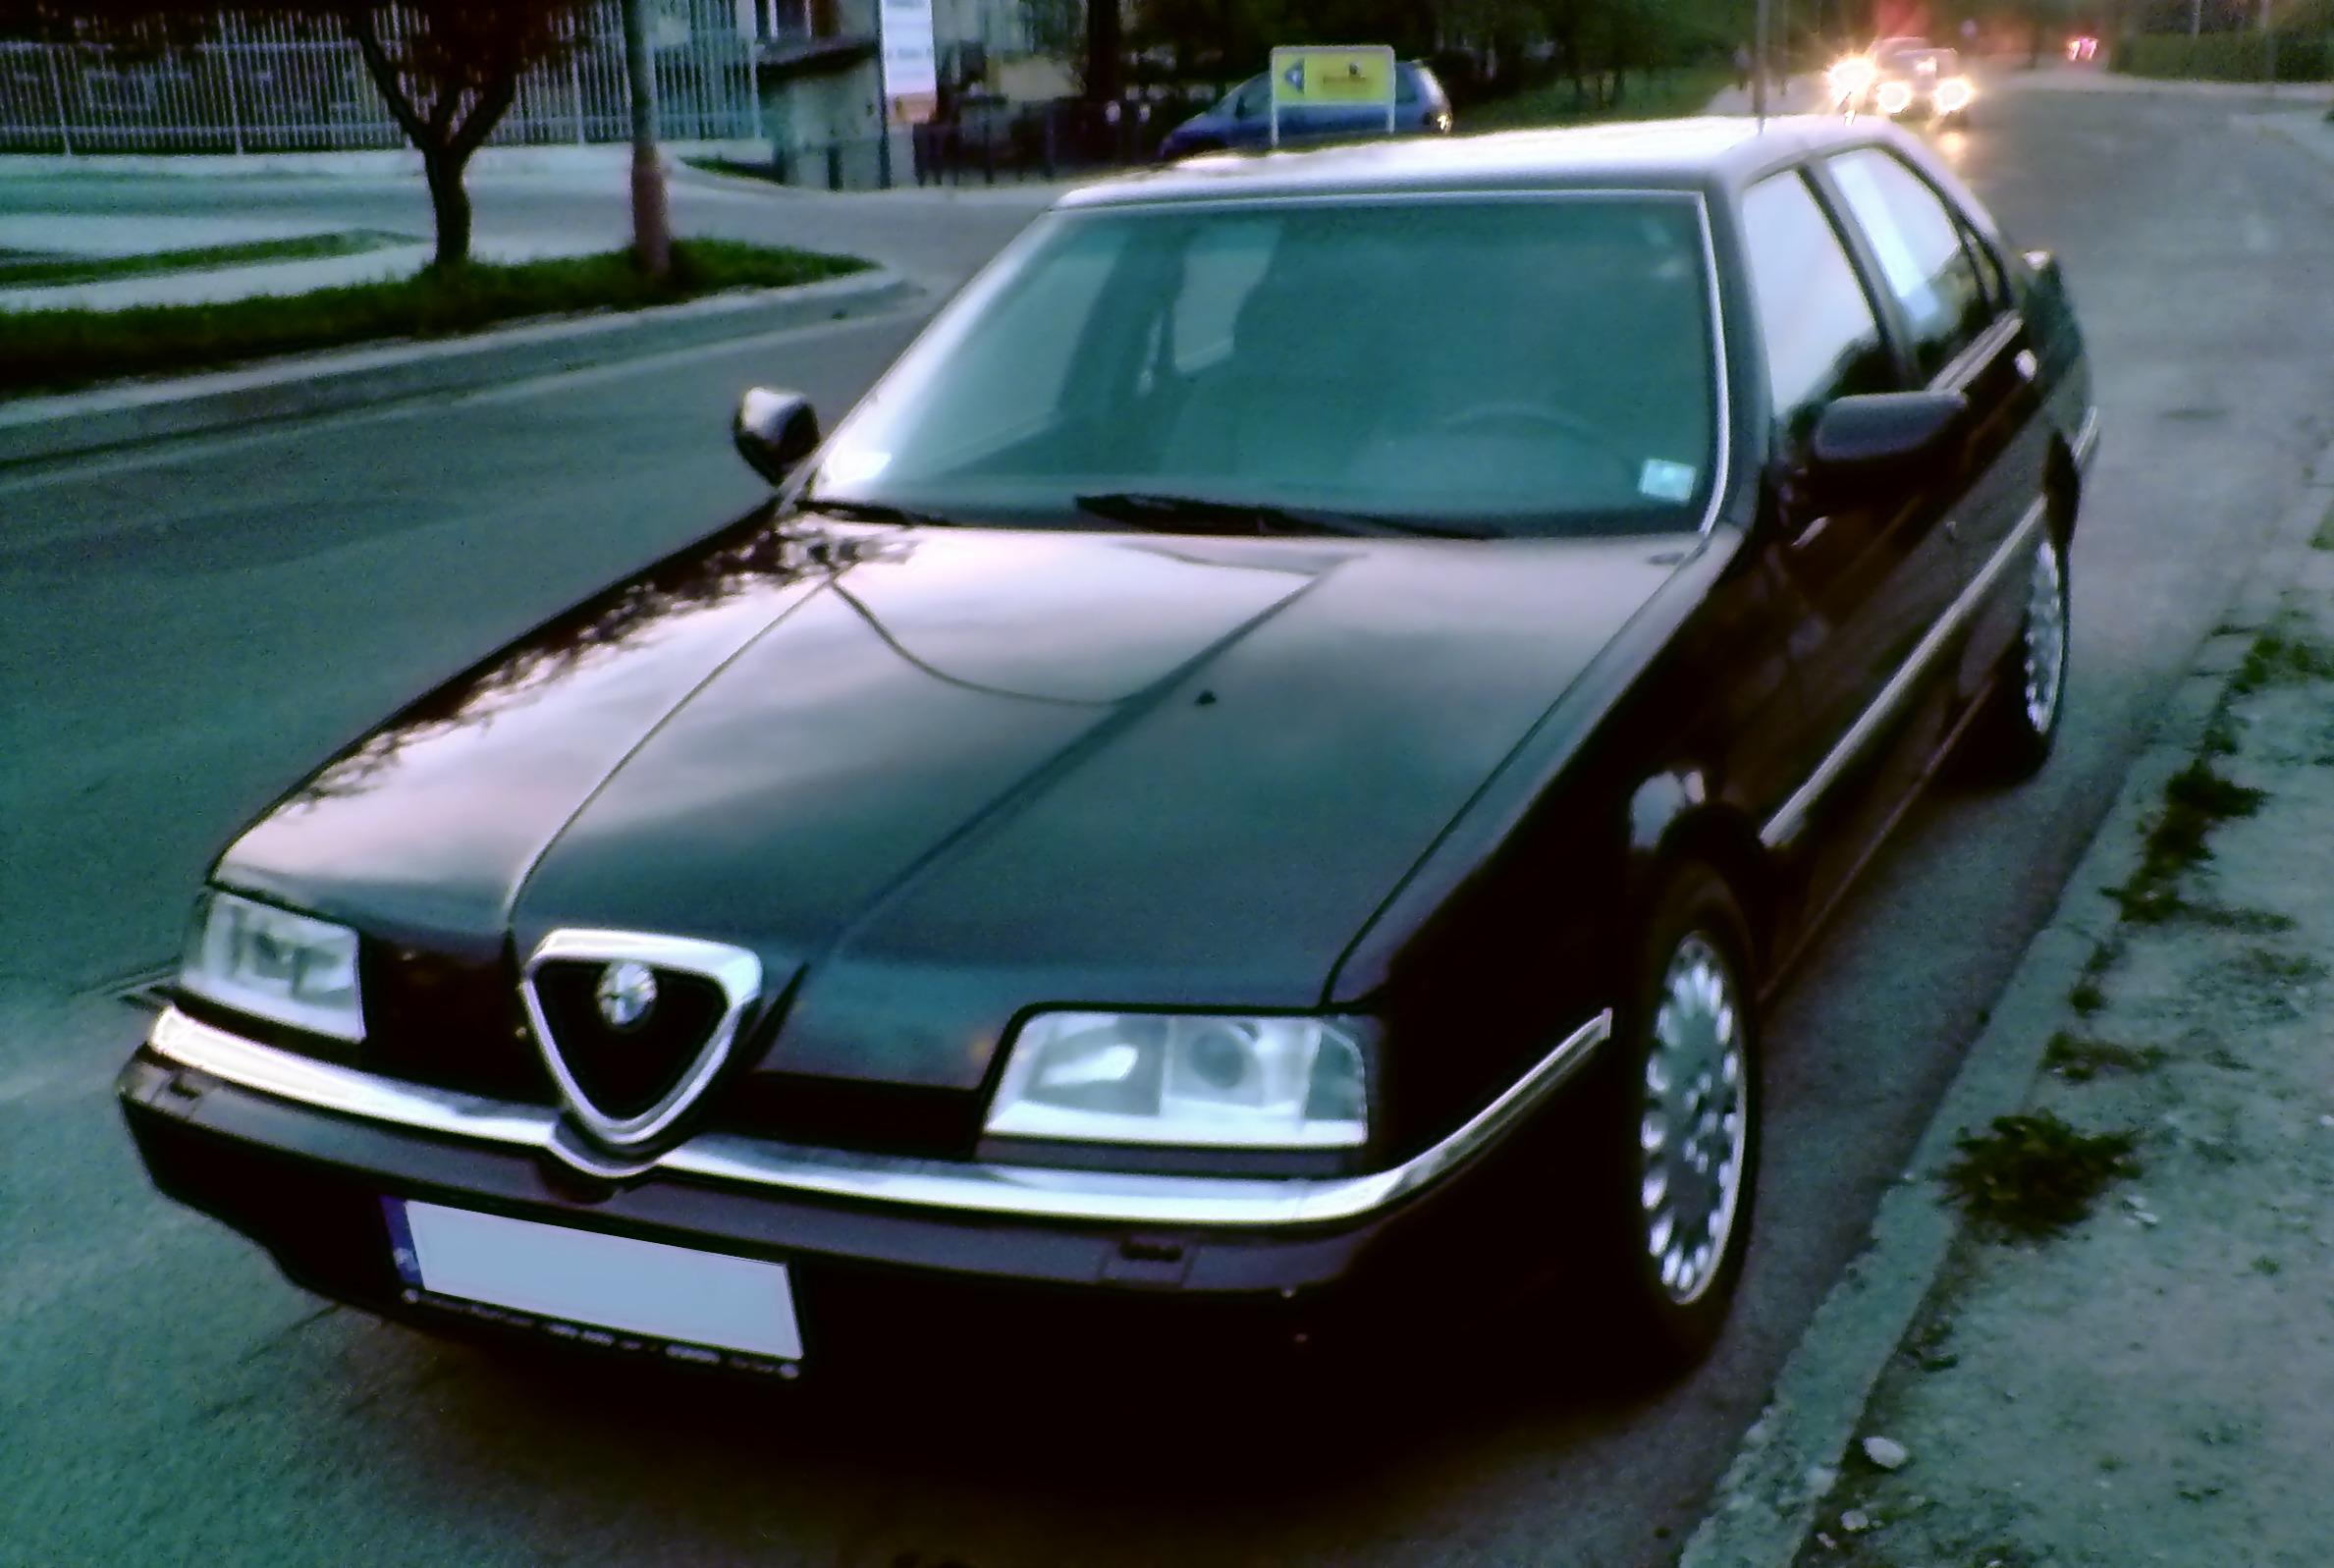 Pièces détachées Alfa Romeo 164 pas cher, prix bas Plus Pieces Auto